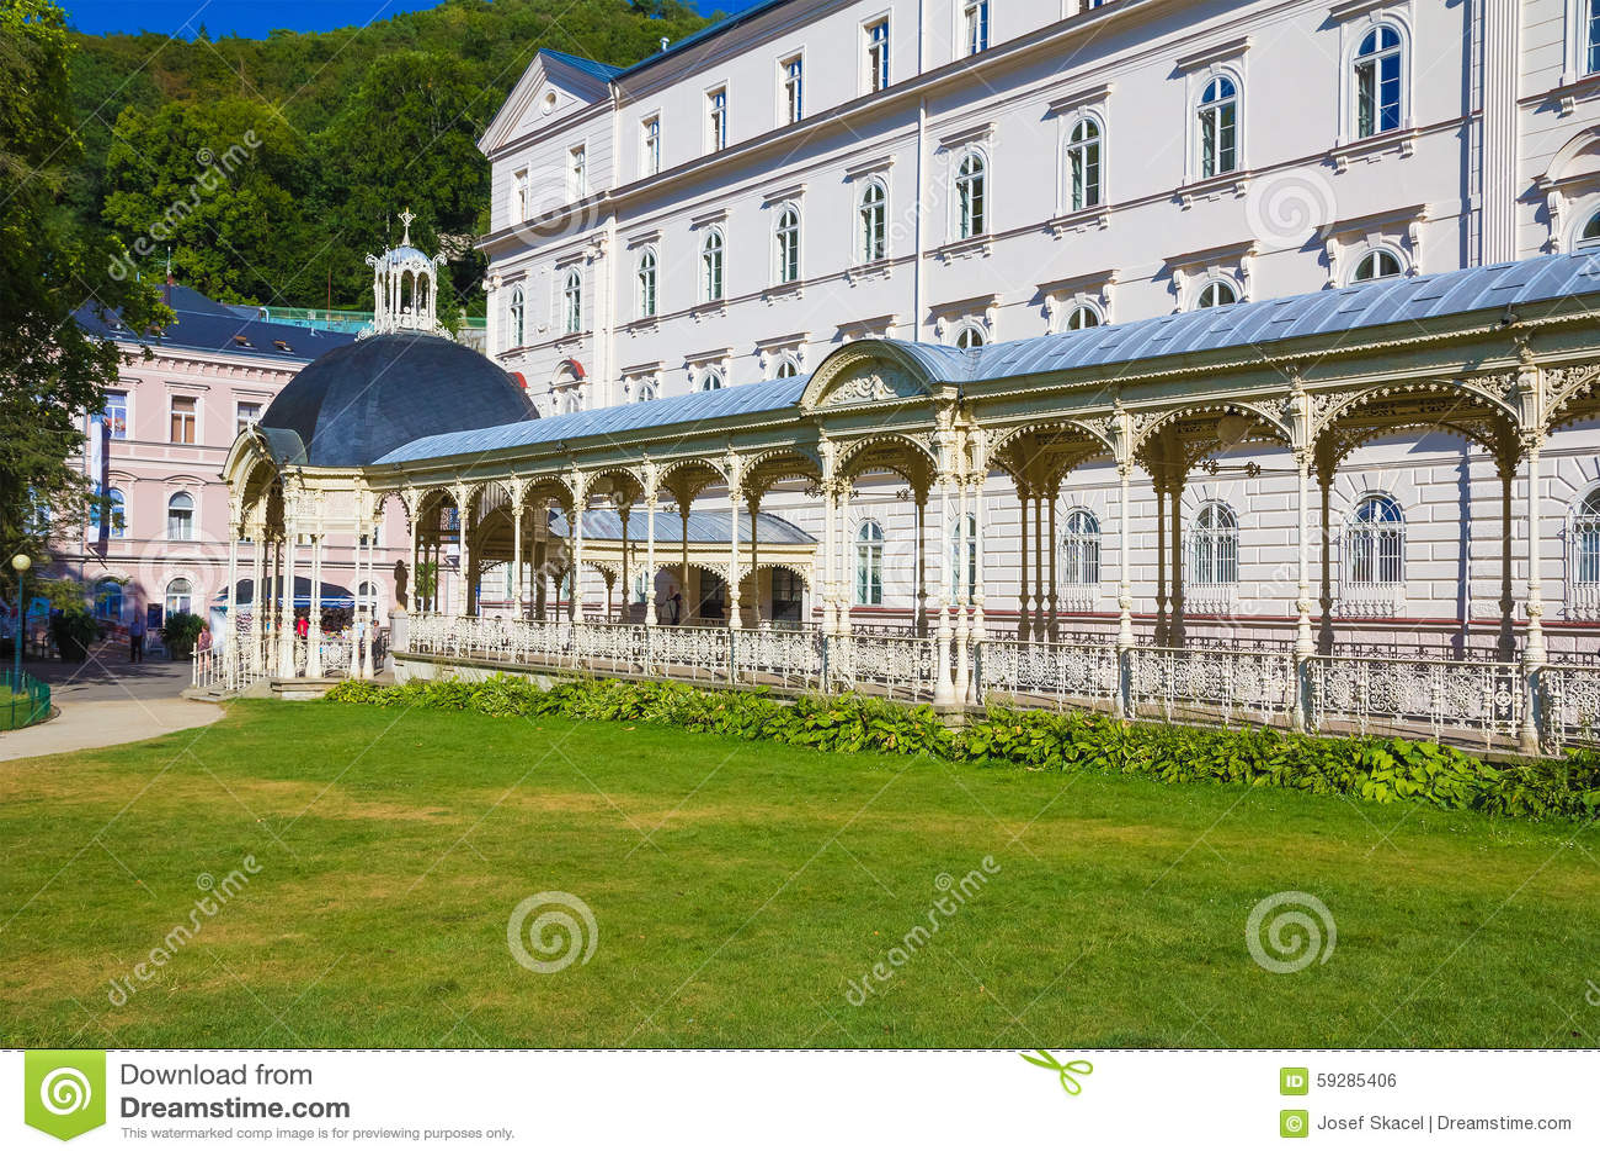 Karlovy меняет - kolonada Sadova, колоннаду Карлсбада - Sadova, чехию